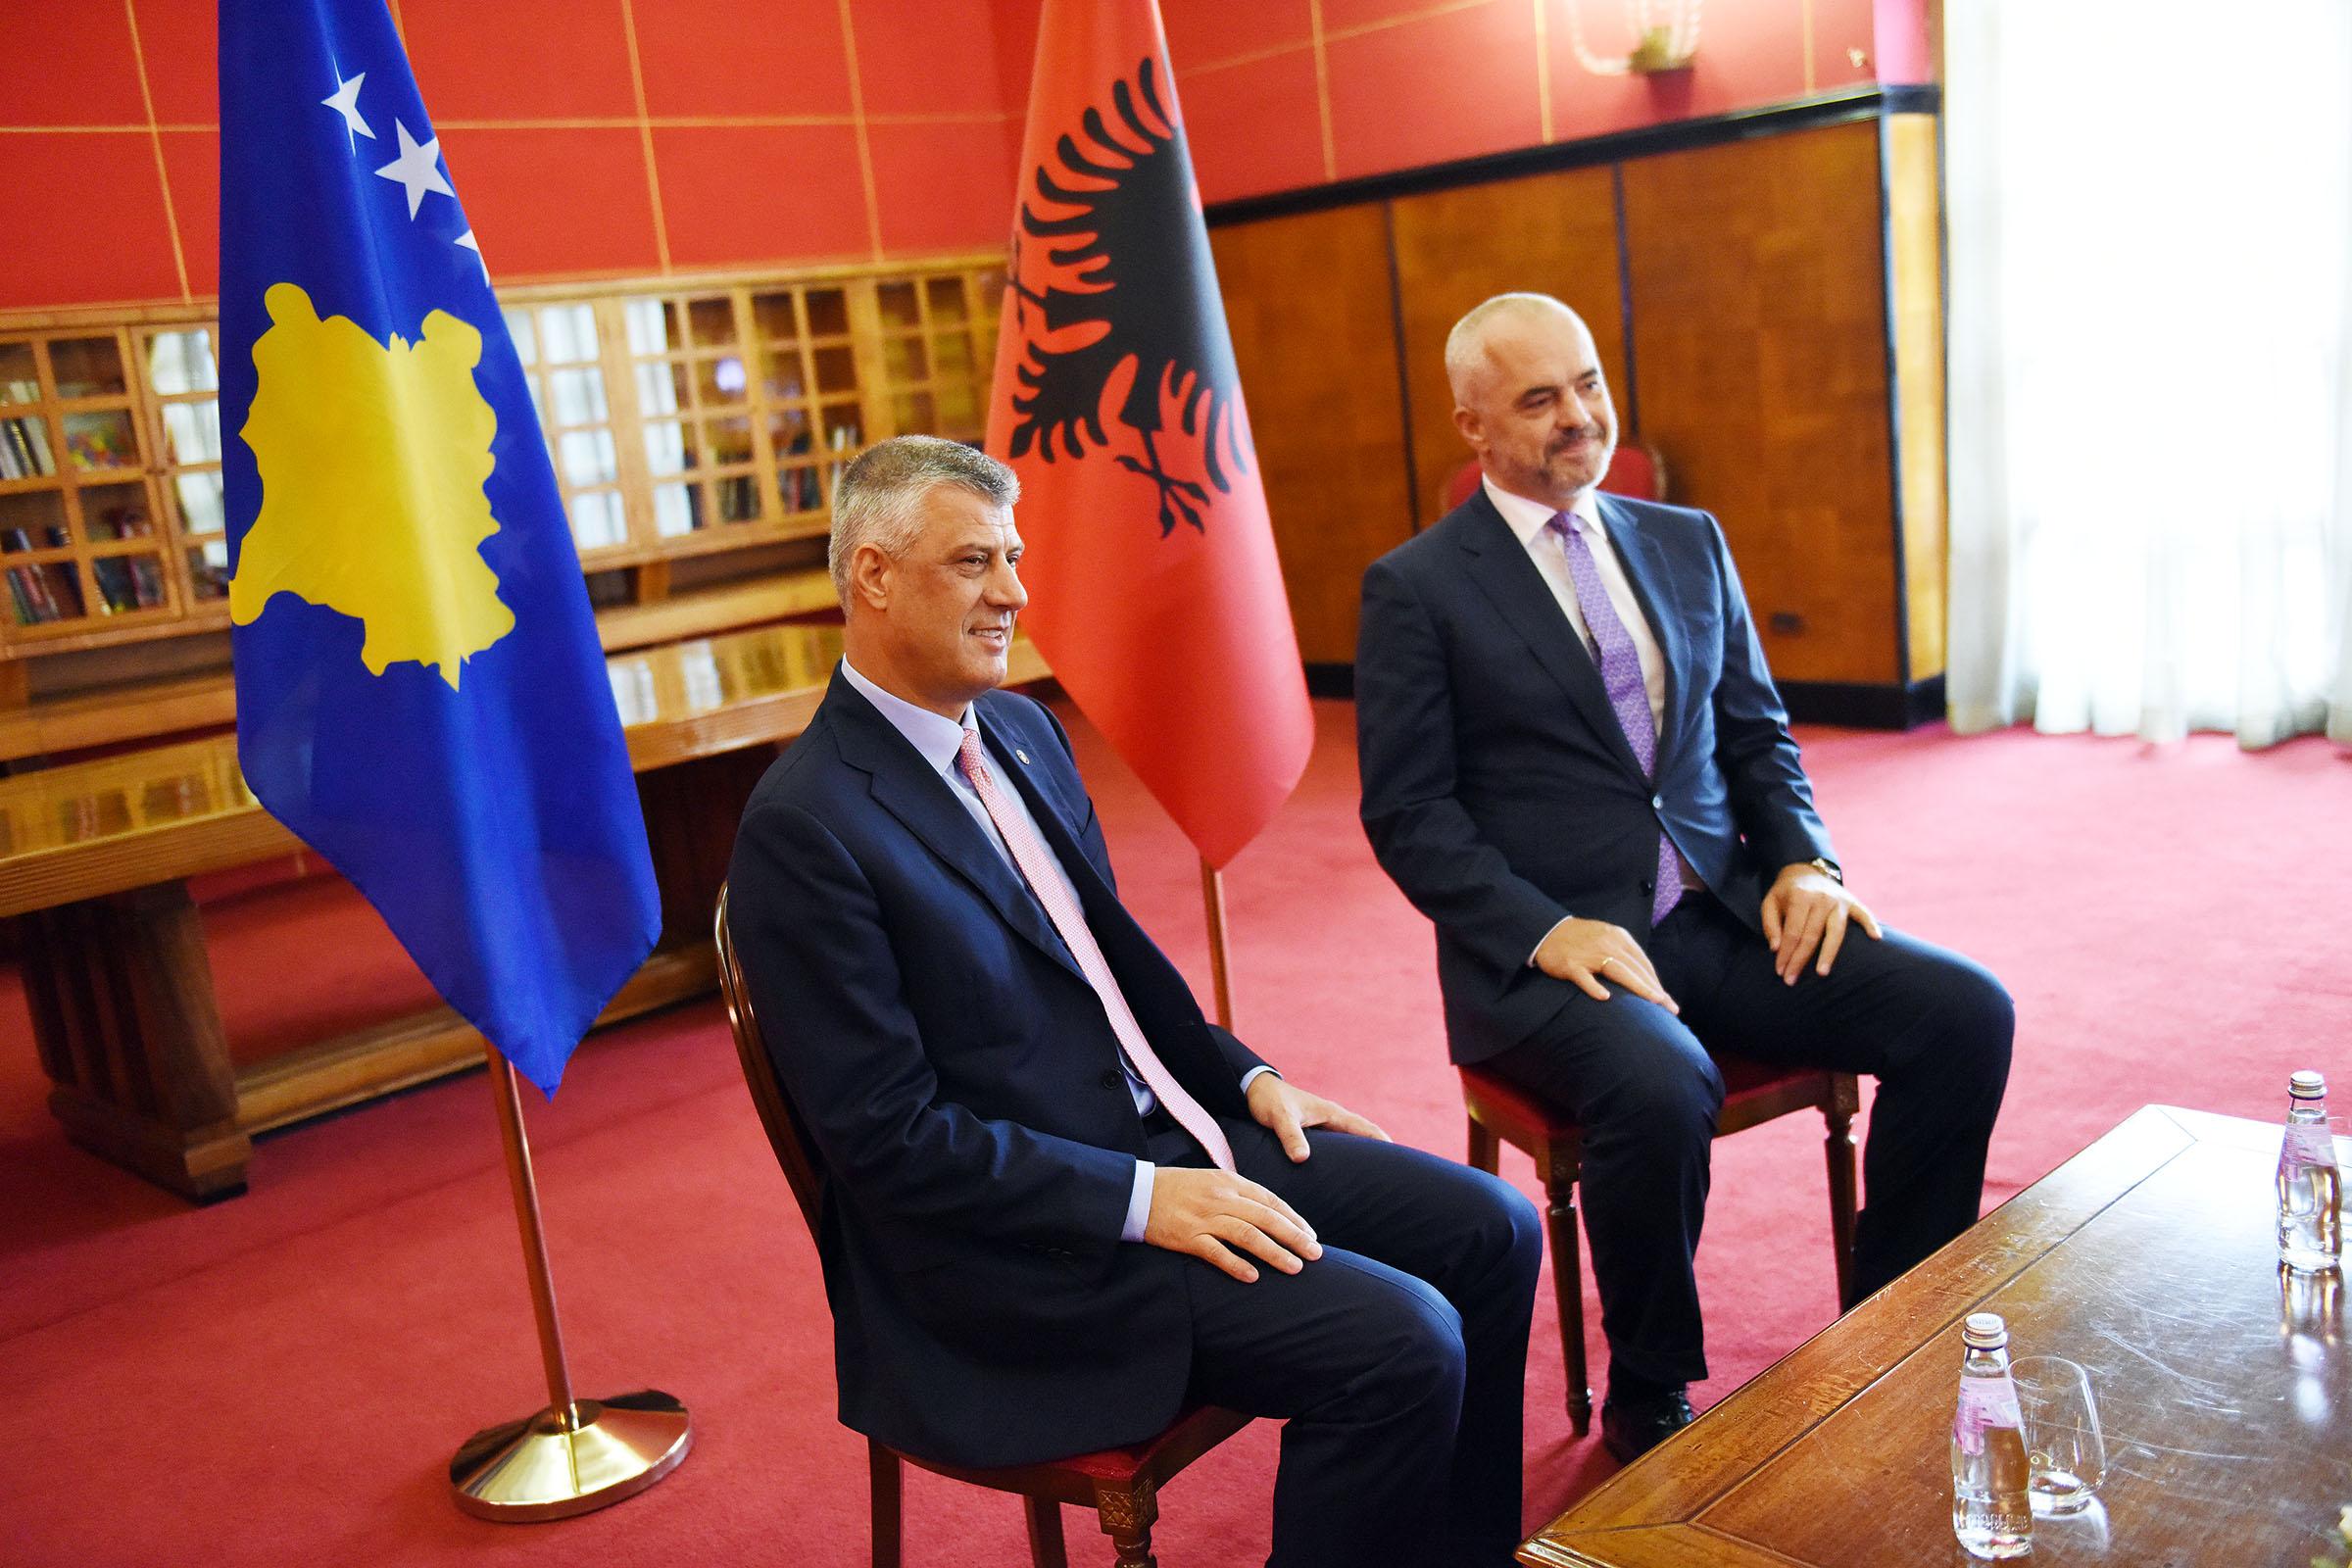 Президент косоваров Хашим Тачи и премьер-министр Албании Эди Рама.